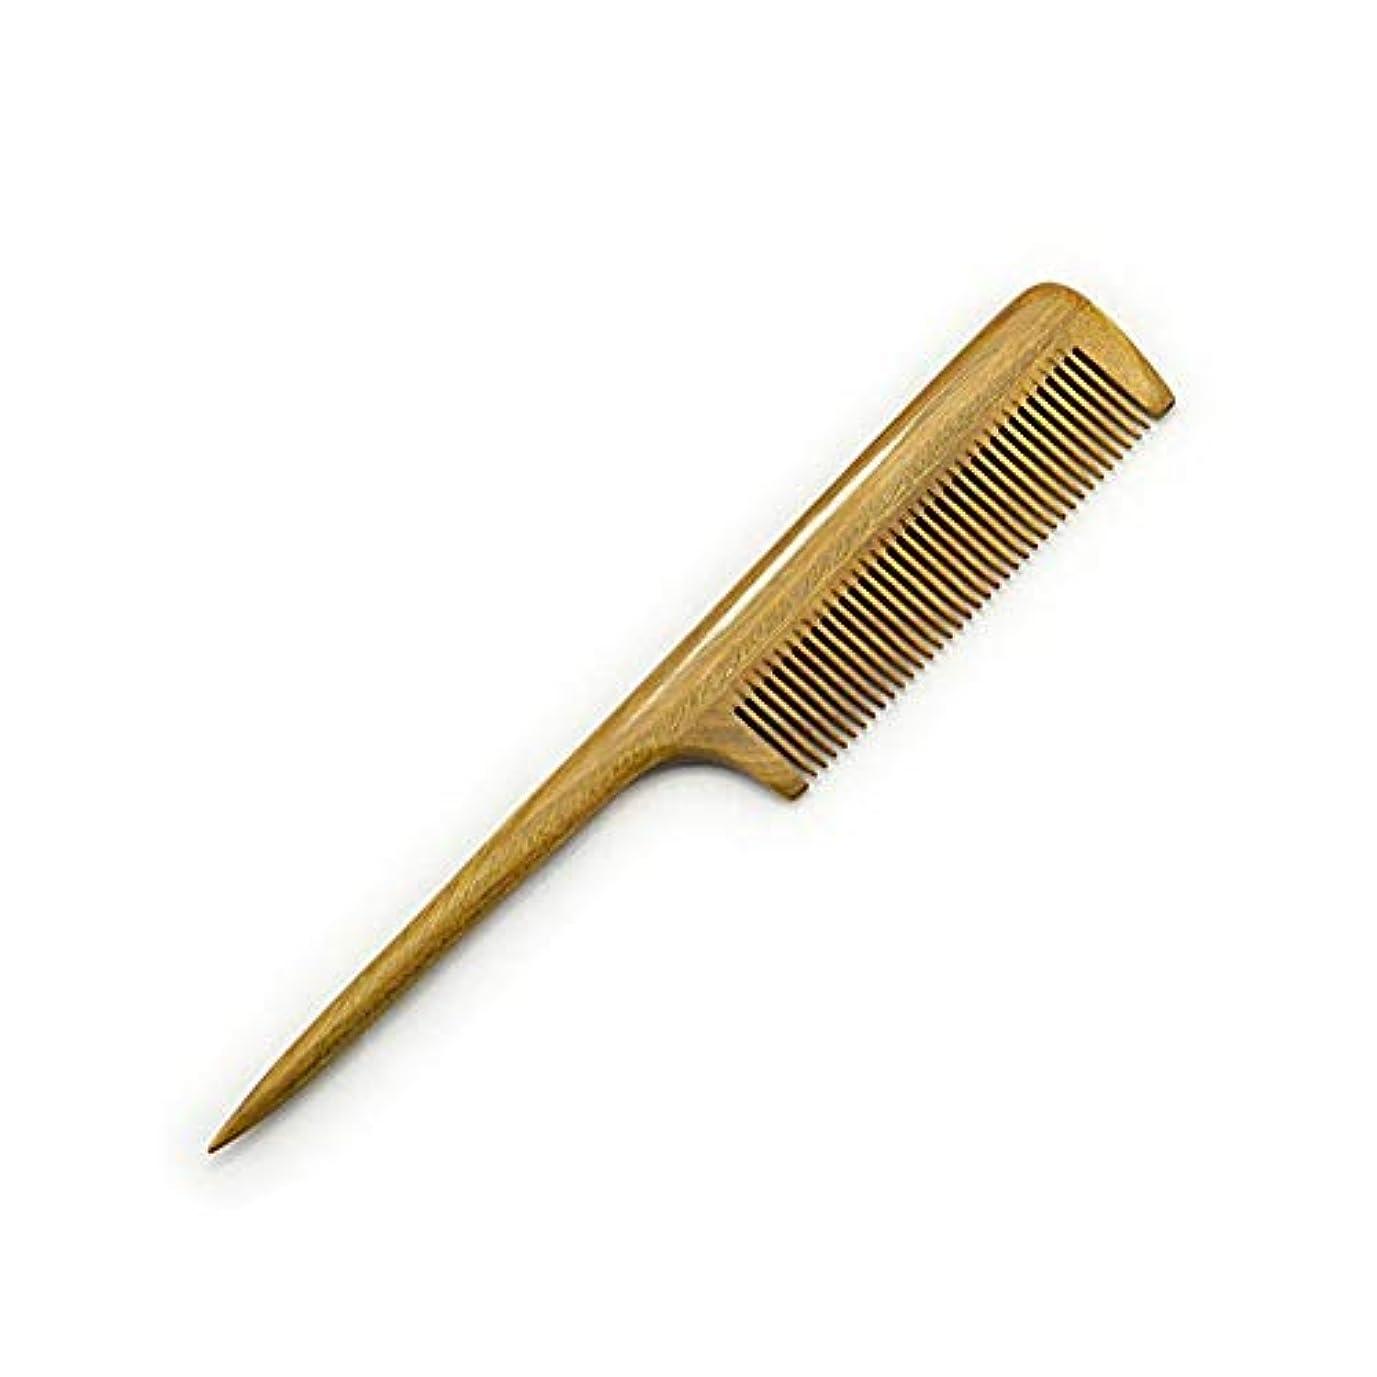 クーポンスケジュール集中Fashian髪の櫛 - 木製テールくしをもつれ解除ファイン歯 - 静的な天然サンダルウッドのくし ヘアケア